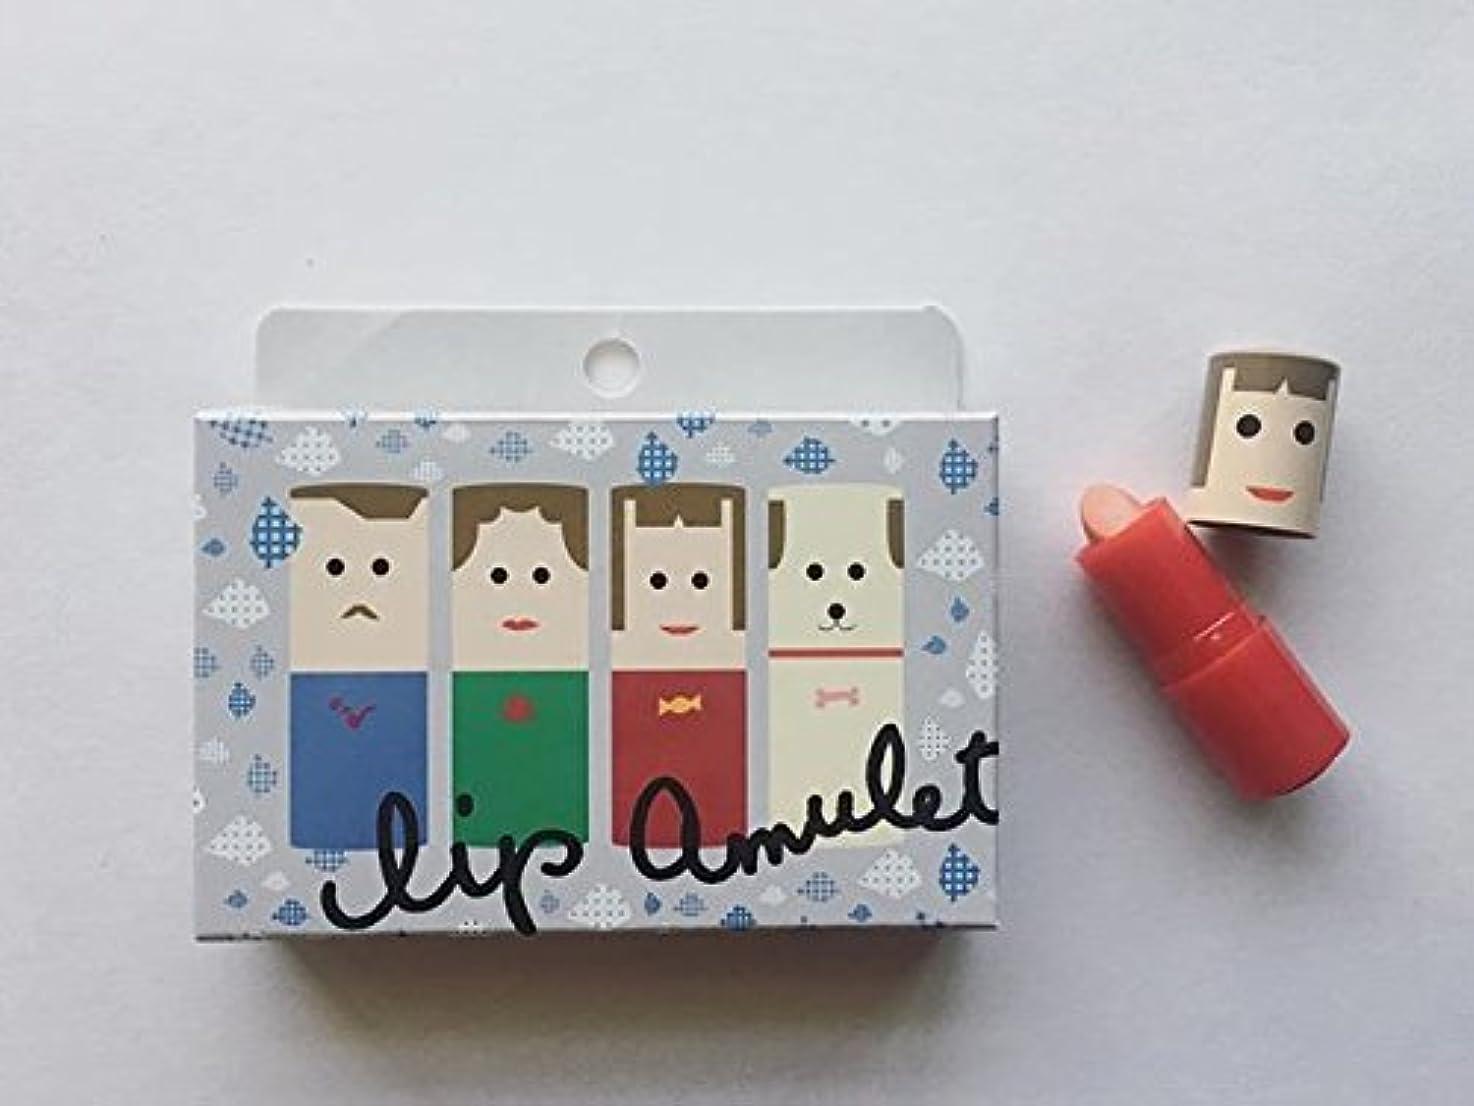 擁する泳ぐ処方する【台湾限定】資生堂 Shiseido リップアミュレット Lip Amulet お土産 コスメ 色つきリップ 4色セット